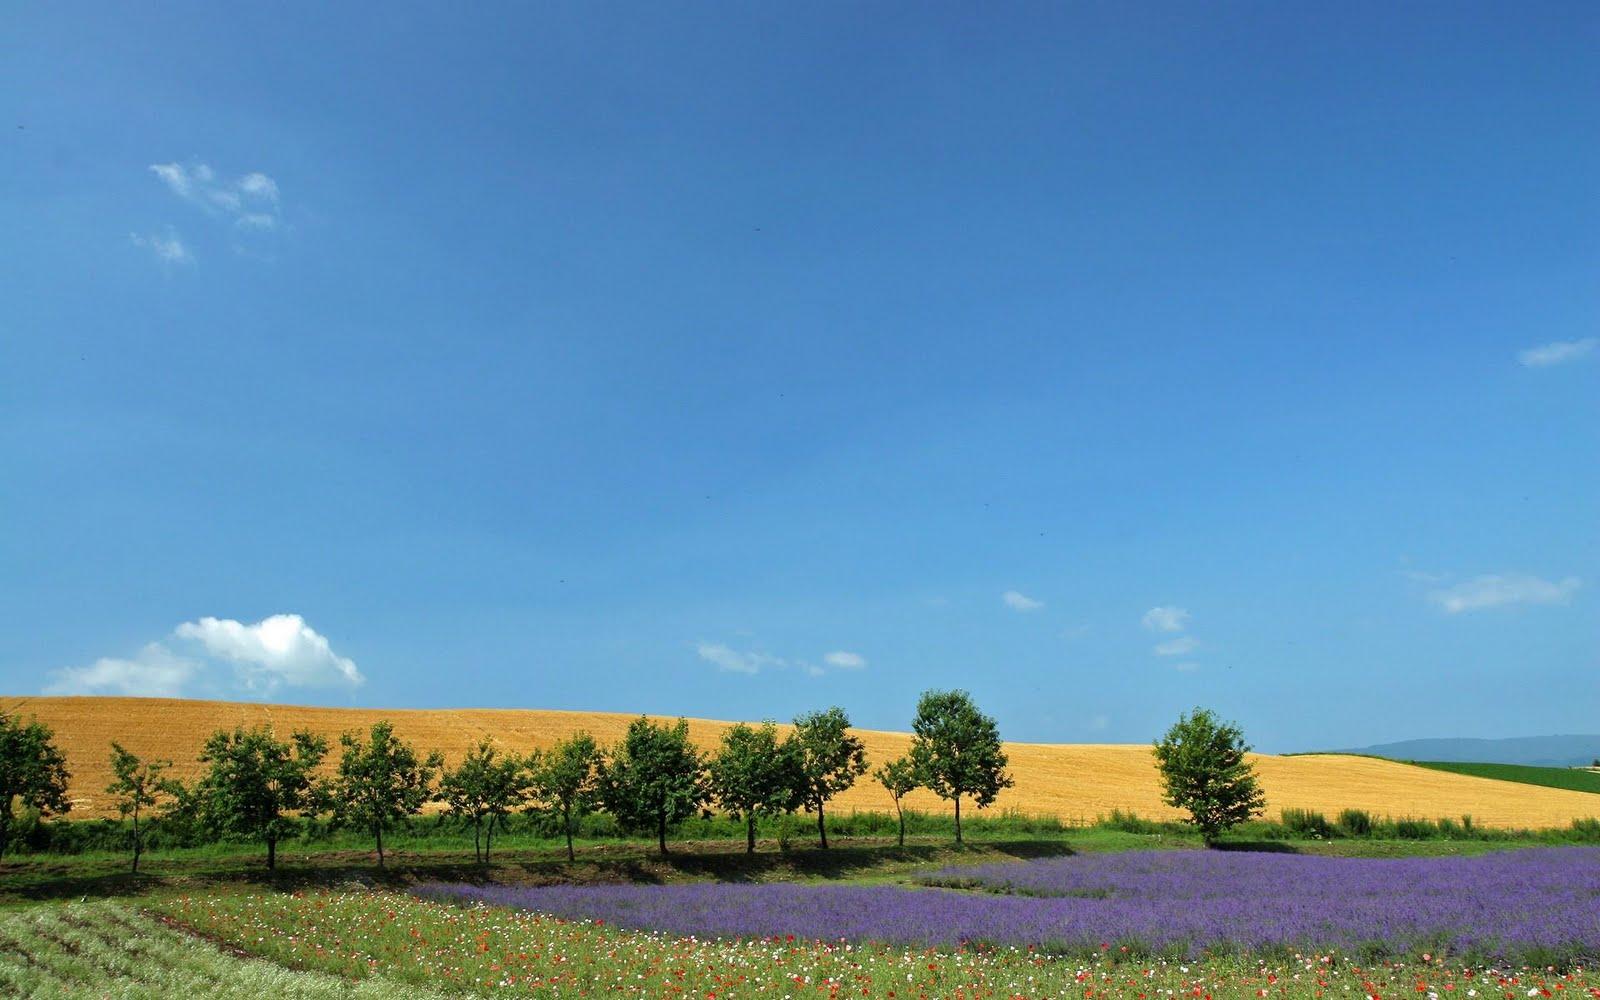 japan hokkaido landscape image - photo #9